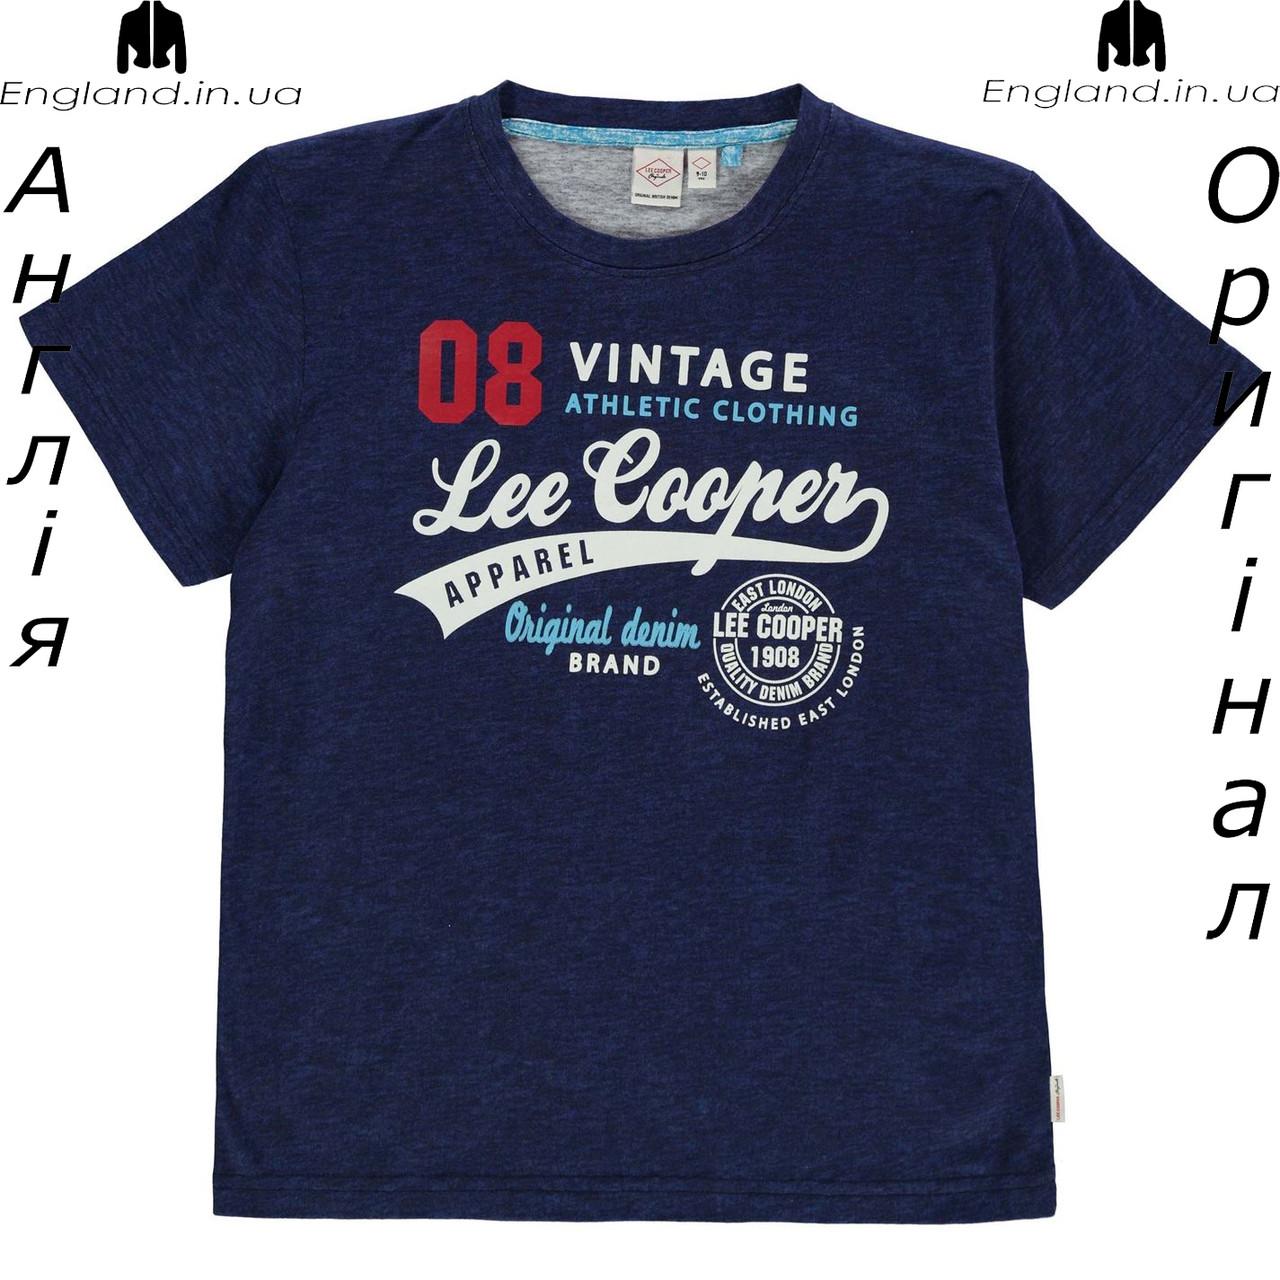 Распродажа !!! Футболка Lee Cooper из Англии для мальчиков 2-14 лет